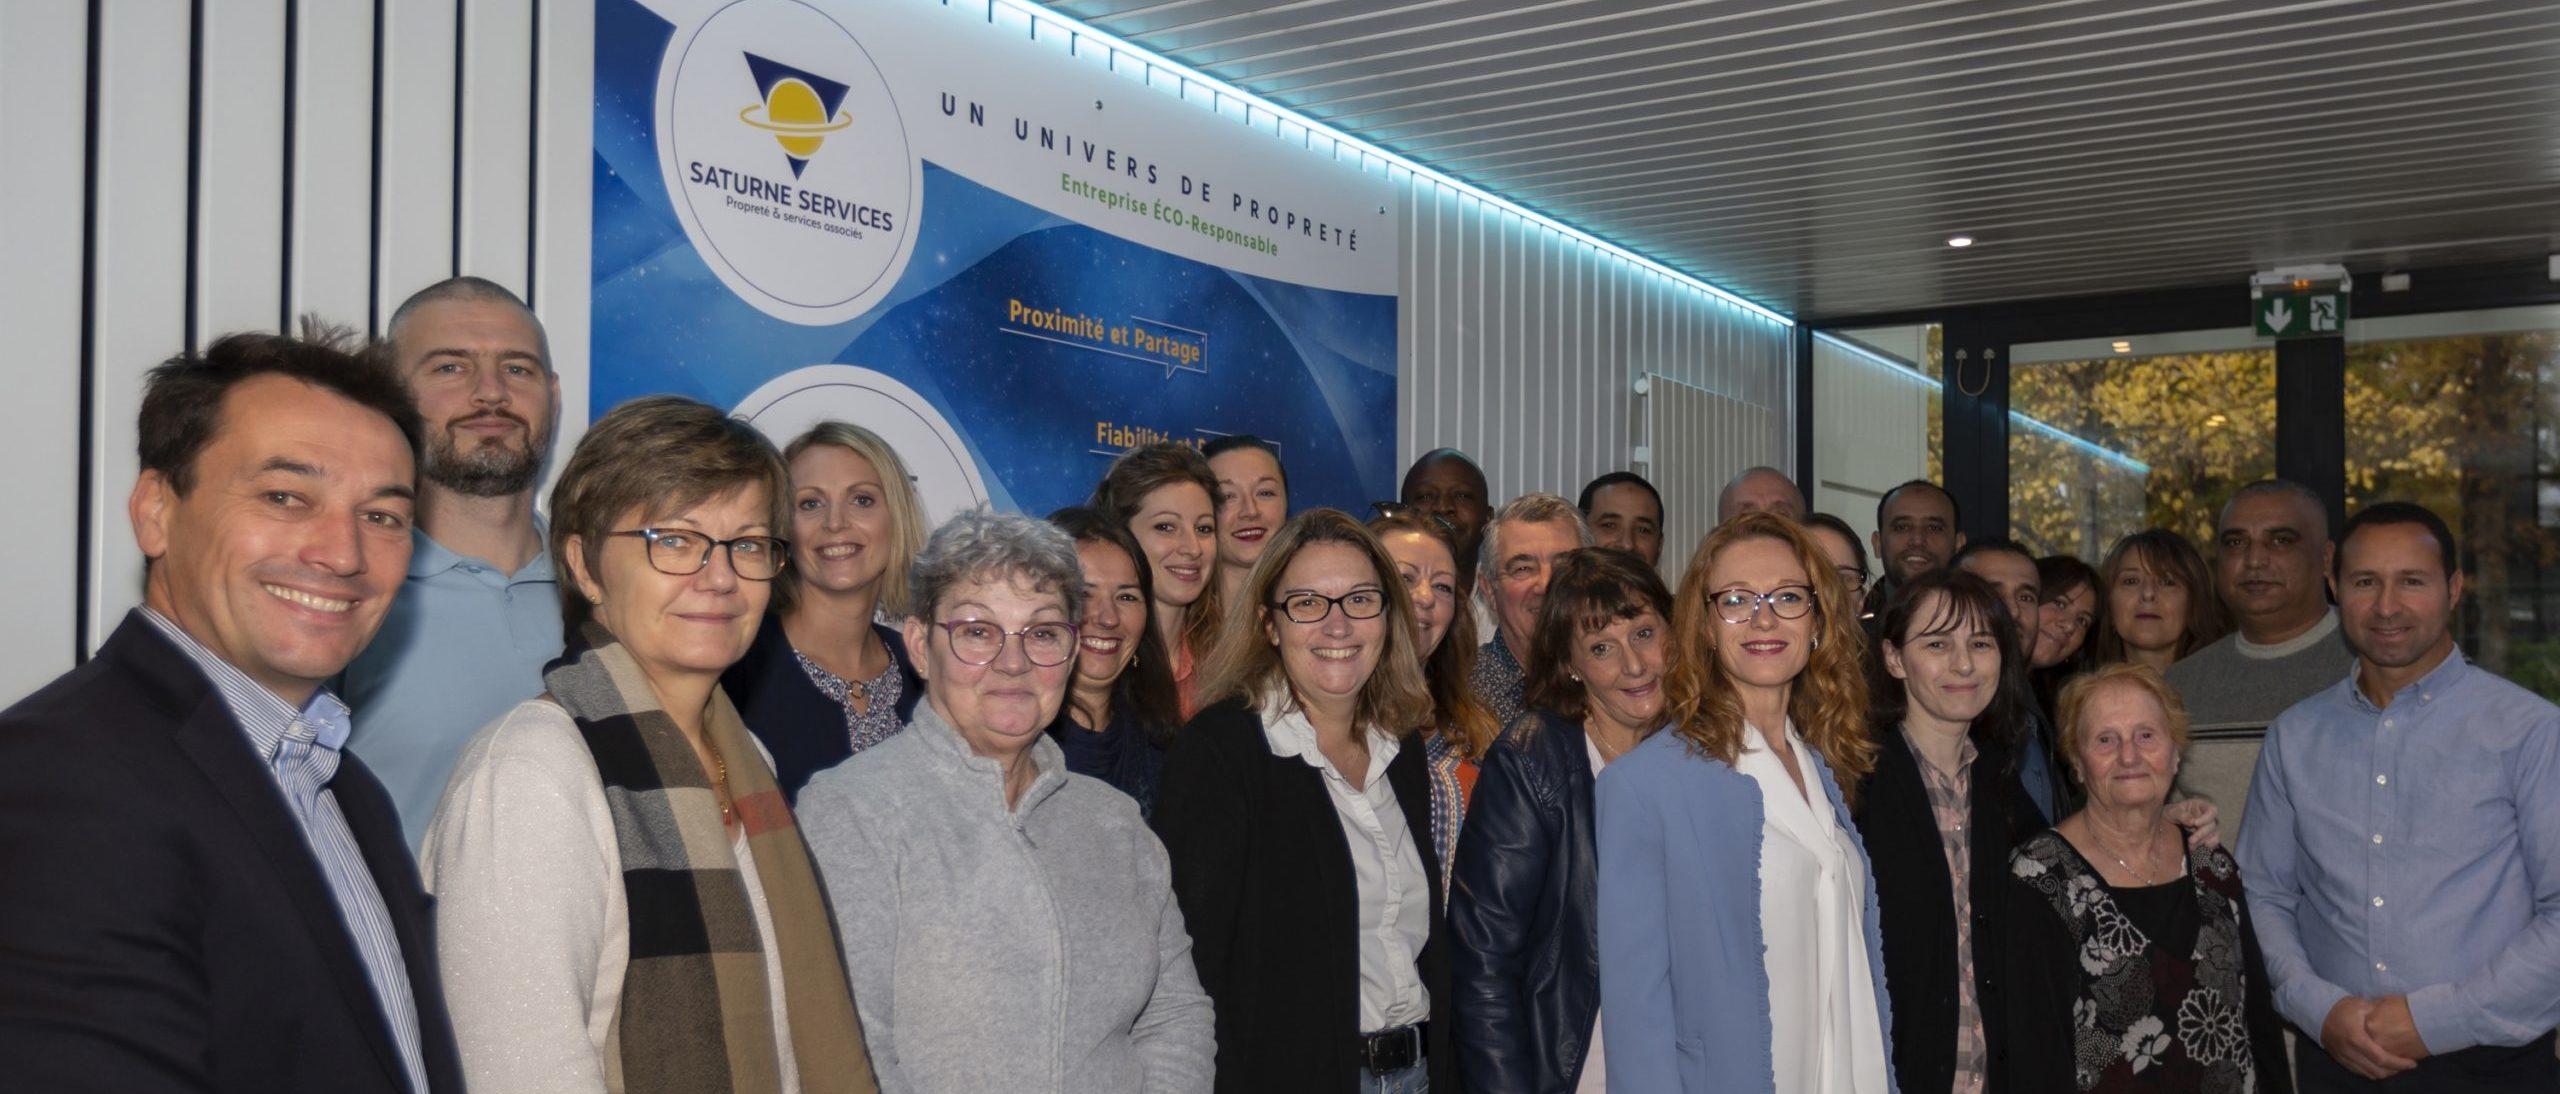 Le Groupe Saturne - Actualités - Collaborateurs - Un univers de propreté - Logo - Nettoyage professionnel - Entreprise de nettoyage